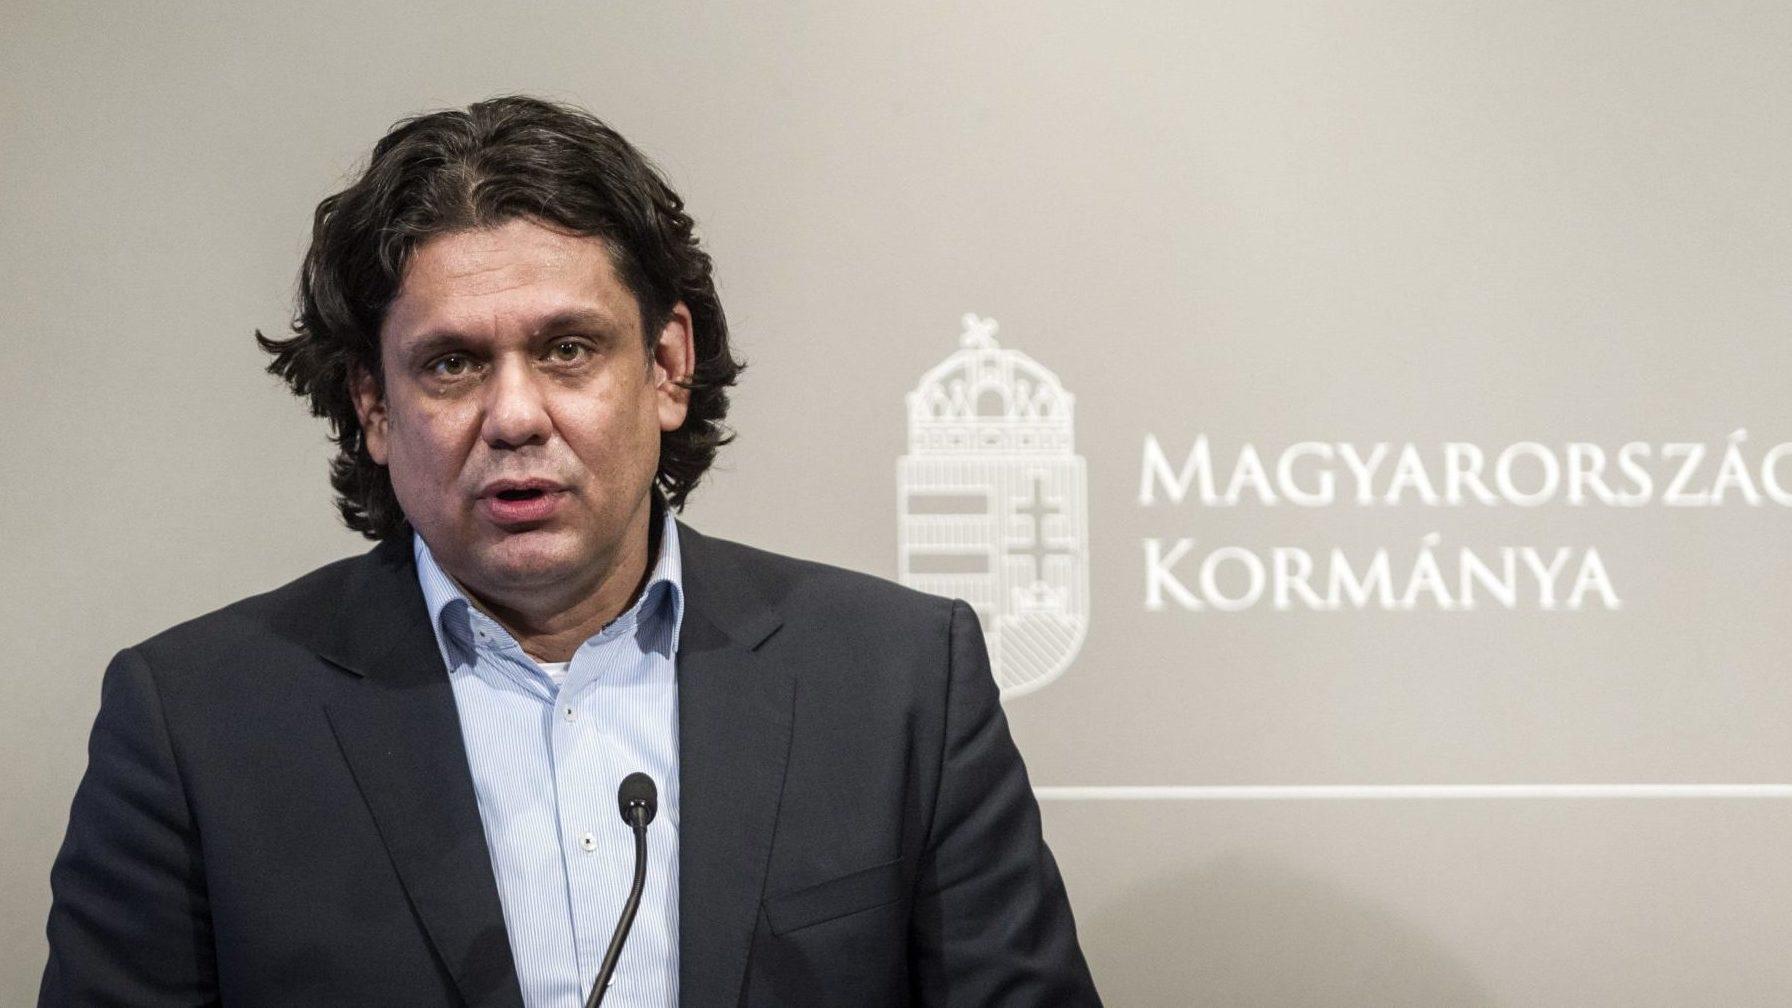 """Fidesz gegen Kürzung von EU-Mitteln """"als politische Strafe"""" post's picture"""